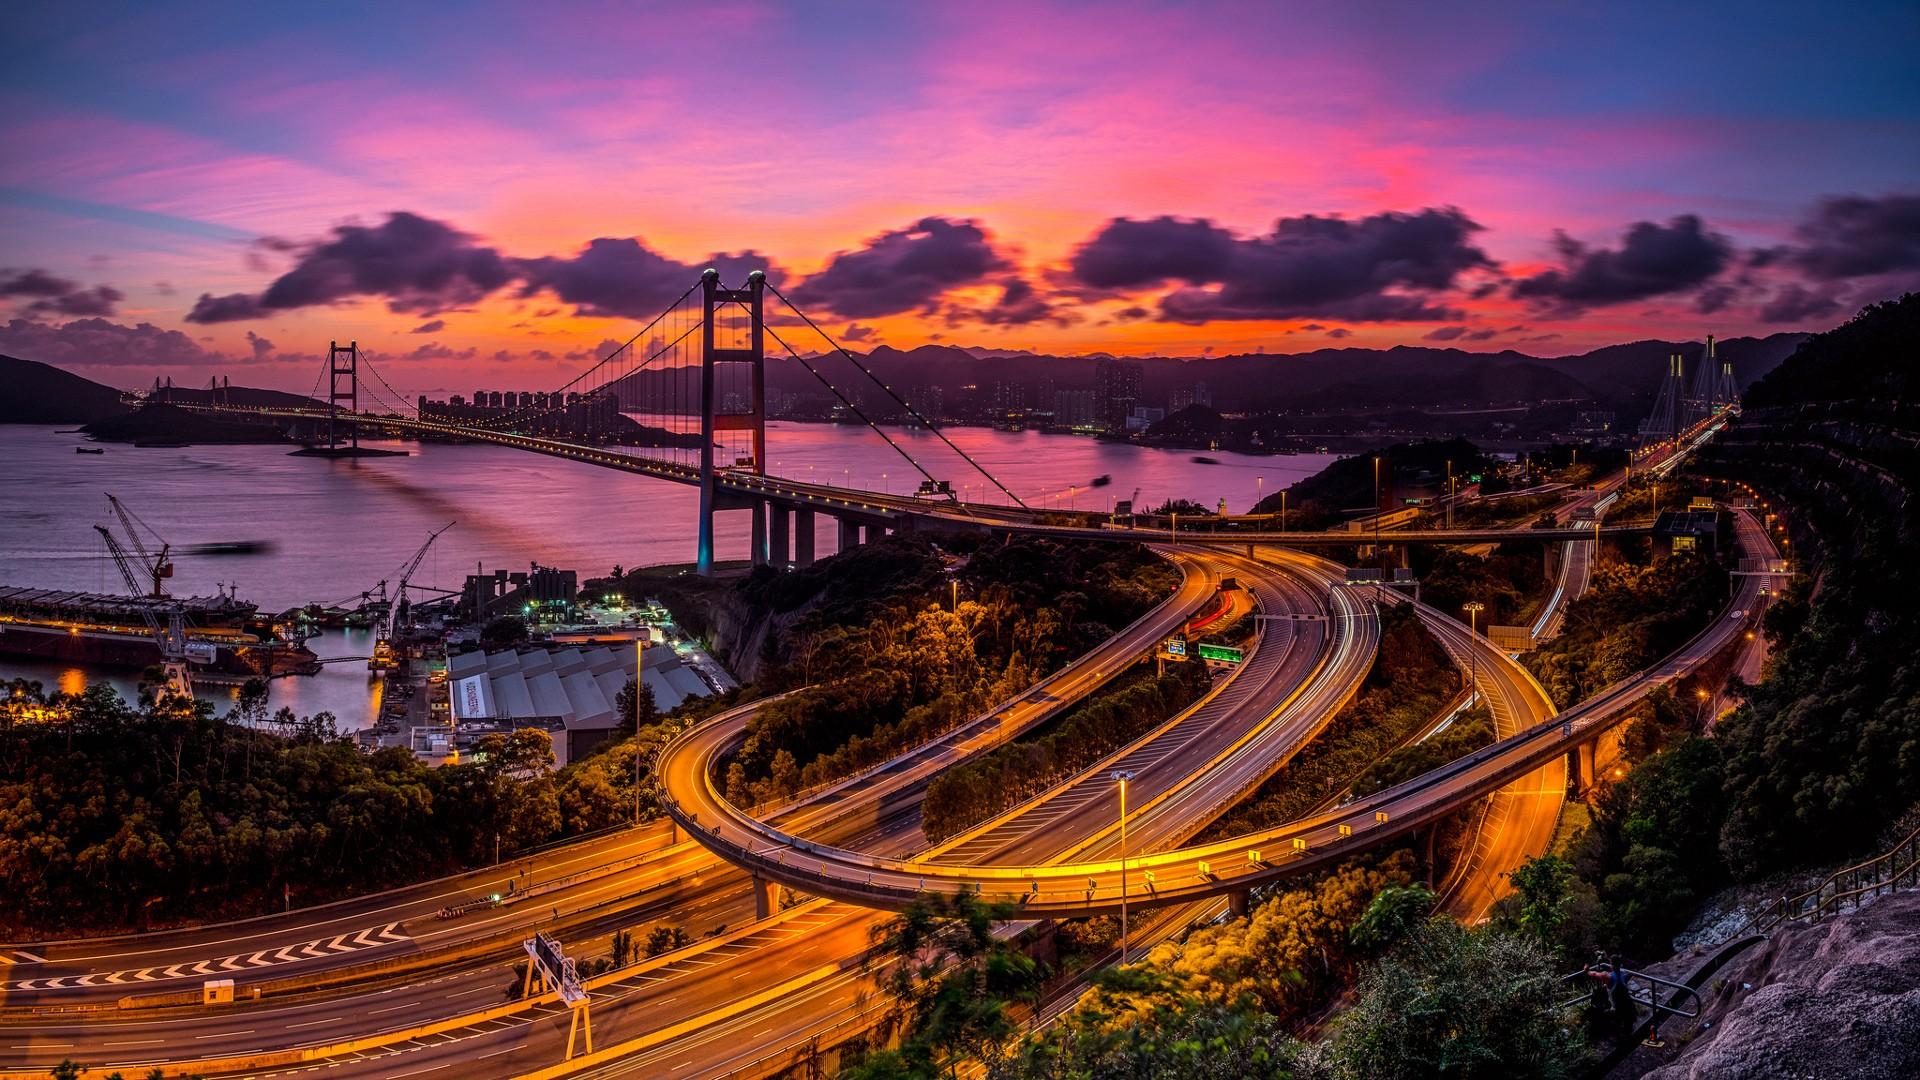 картинка висячий город и дорога можно выполнять поиск